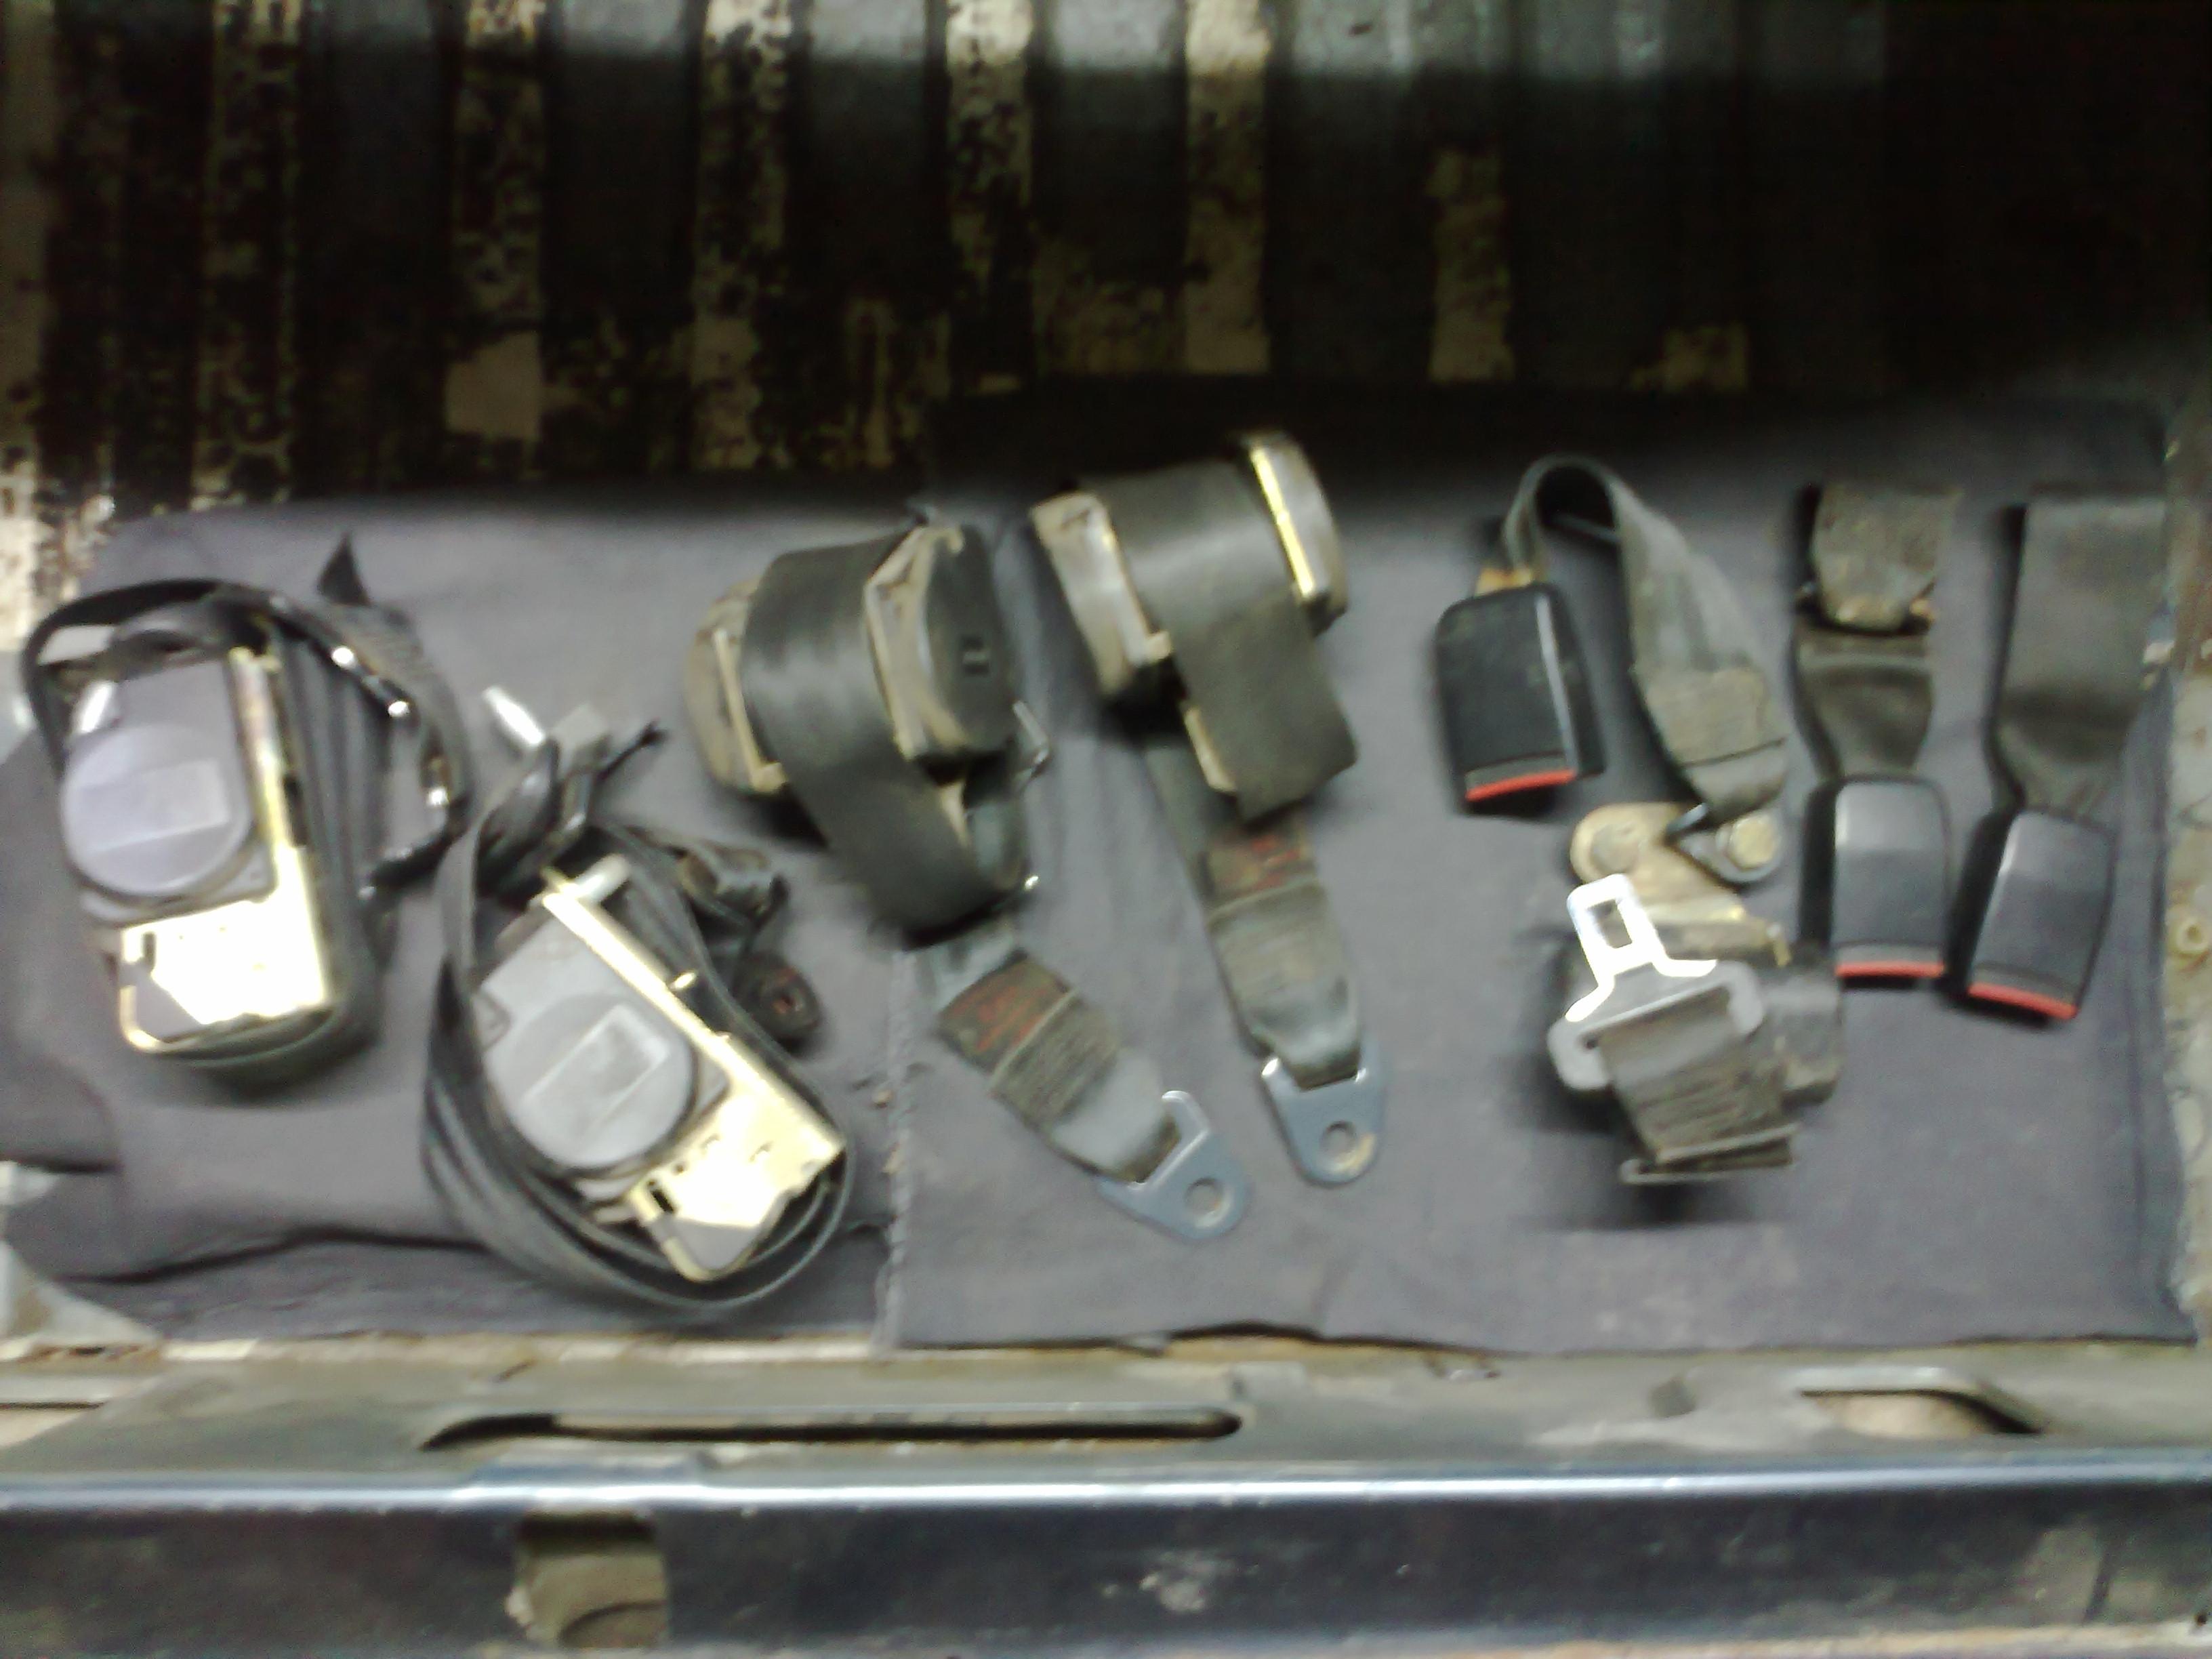 Ремень безопасности (комплект) на всю машину пежо 605 2.0б,1993г.в